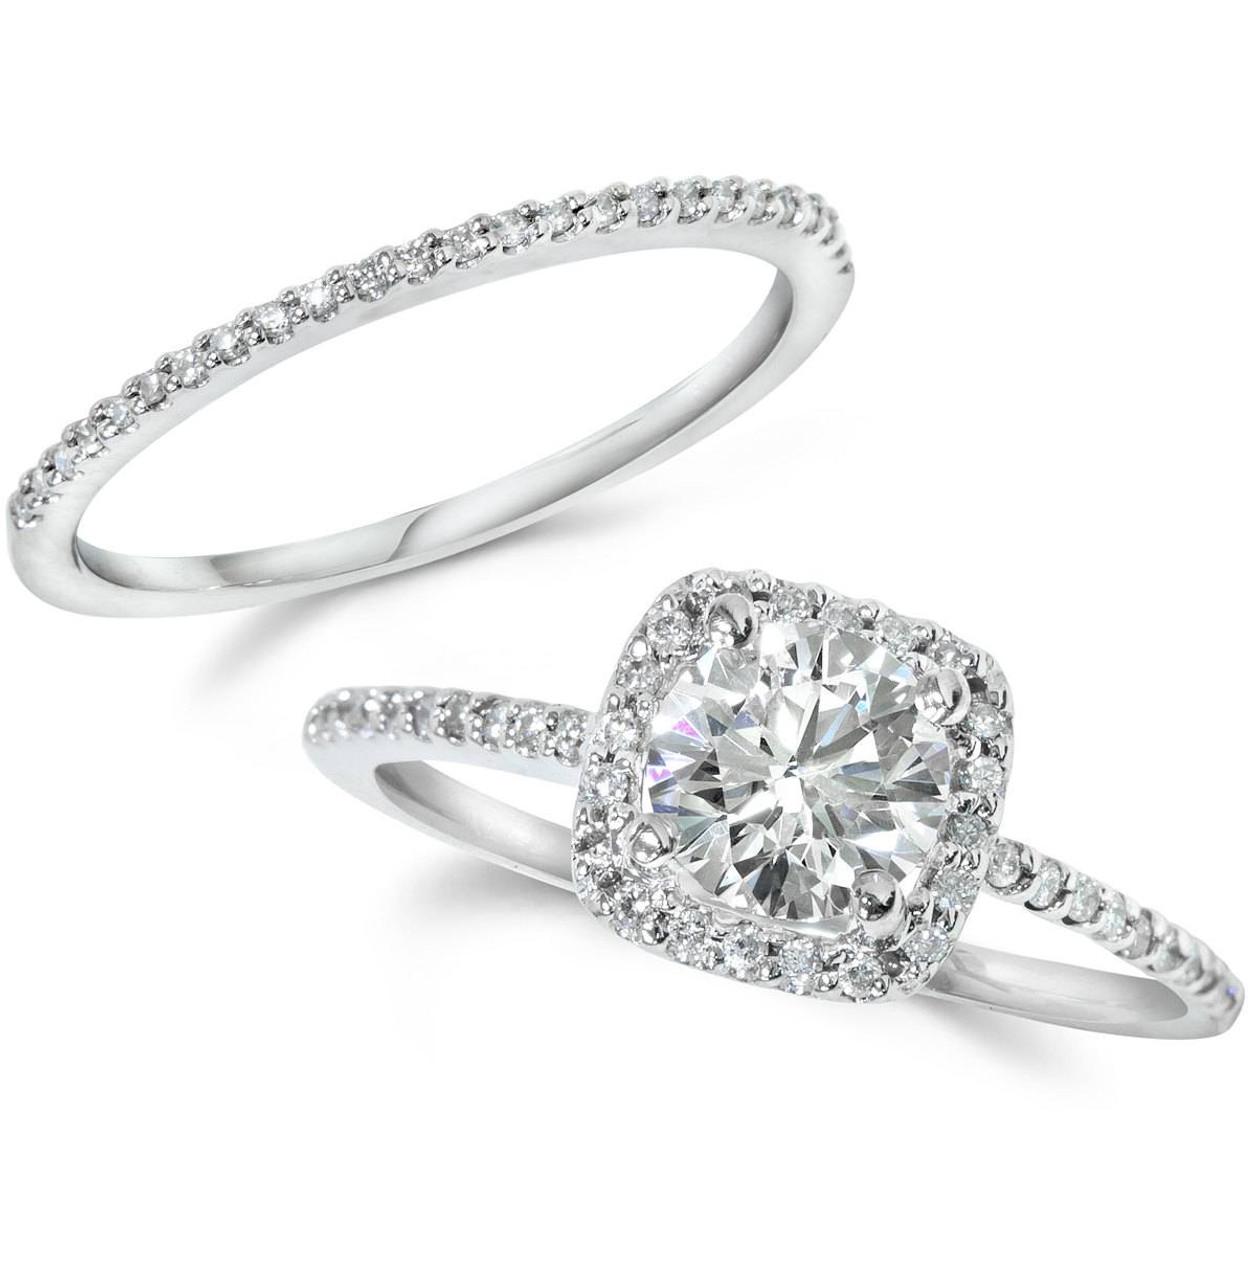 1CT Diamond Engagement Ring Cushion Halo Wedding Ring Set 14K White Gold  (H I, I1)